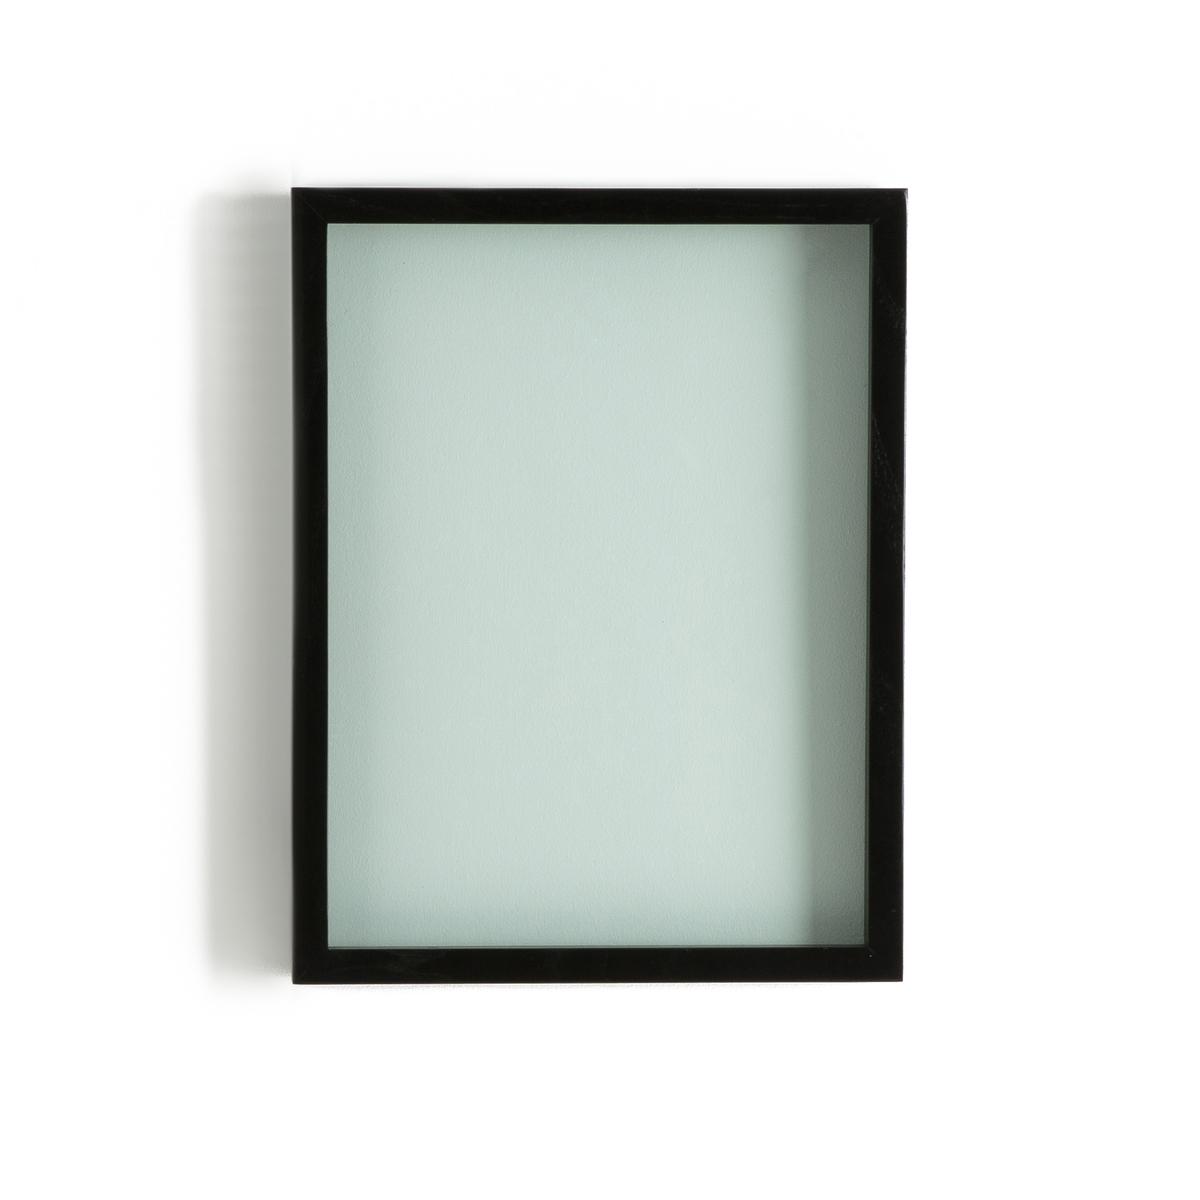 Рамка 3D DidaraРамка 3D Didara. Красивая и оригинальная рамка с двойным стеклом идеальна для размещения Ваших фотографий или растений..... Характеристики : Рамка из ясеня с черным покрытием .Двойное стекло : толщина 1,2 см.Размеры : - 34 x 44 см<br><br>Цвет: черный